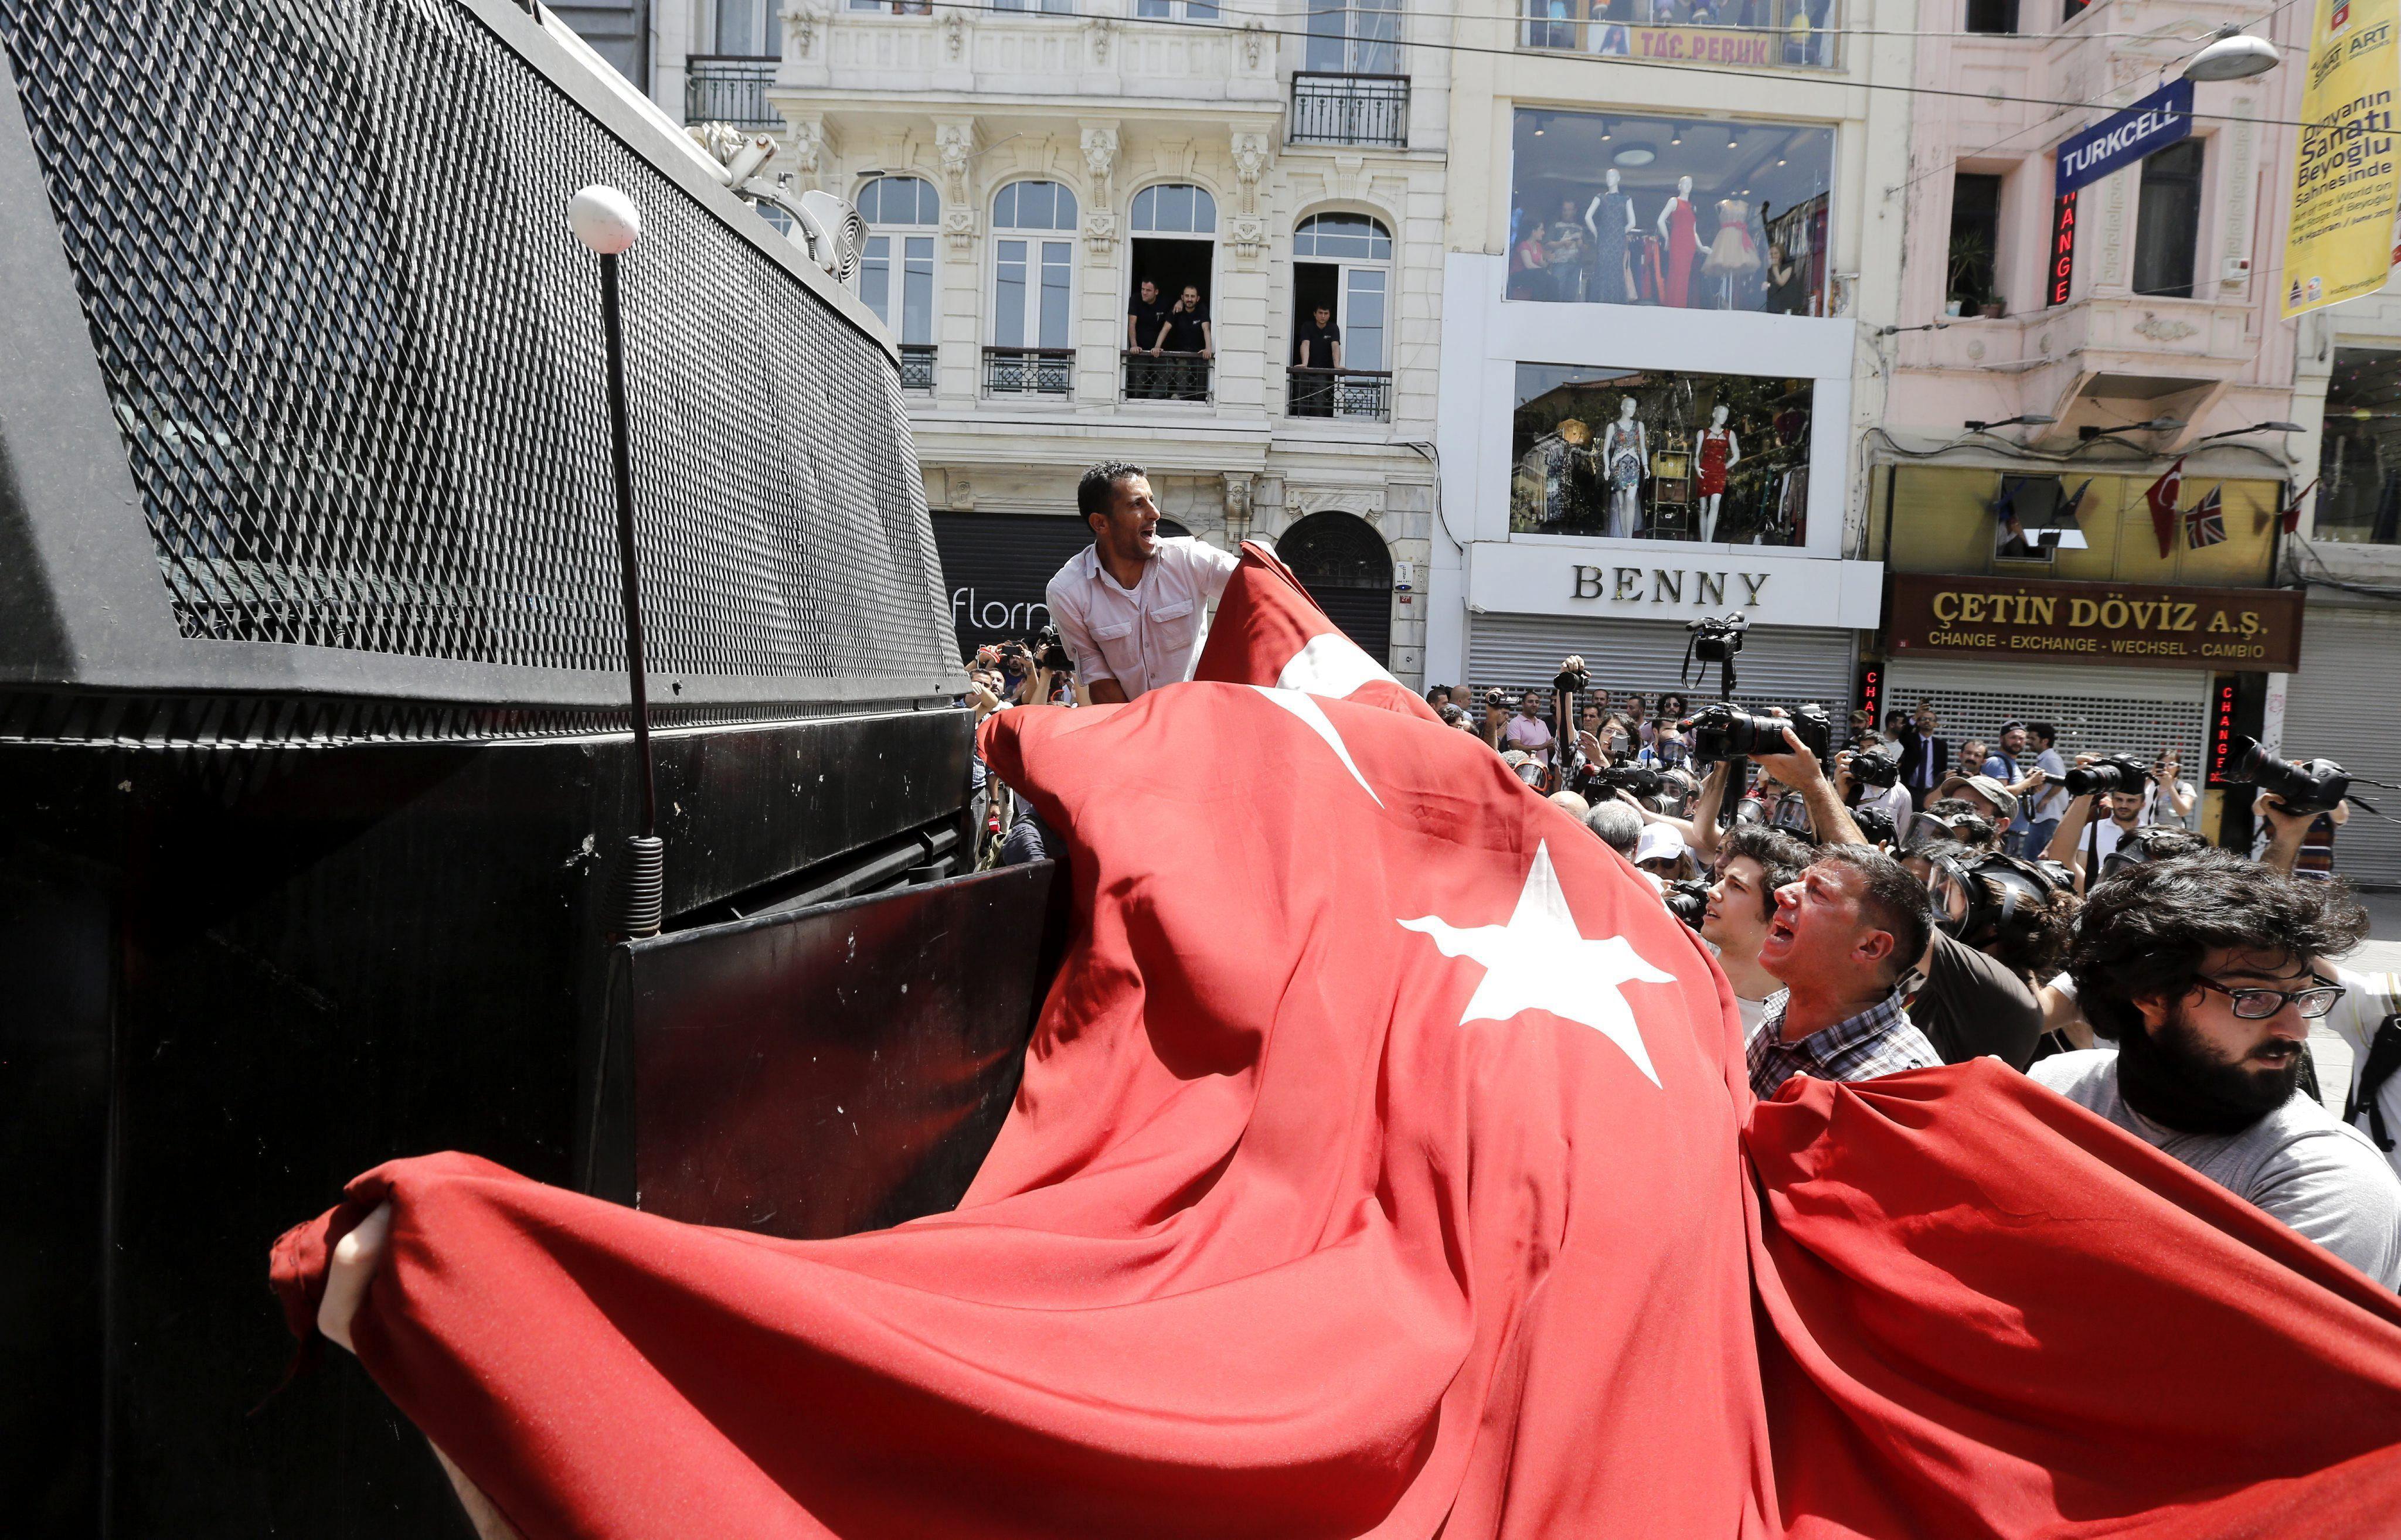 El alcalde de Estambul teme que los enfrentamientos afecten a su candidatura para los Juegos de 2020